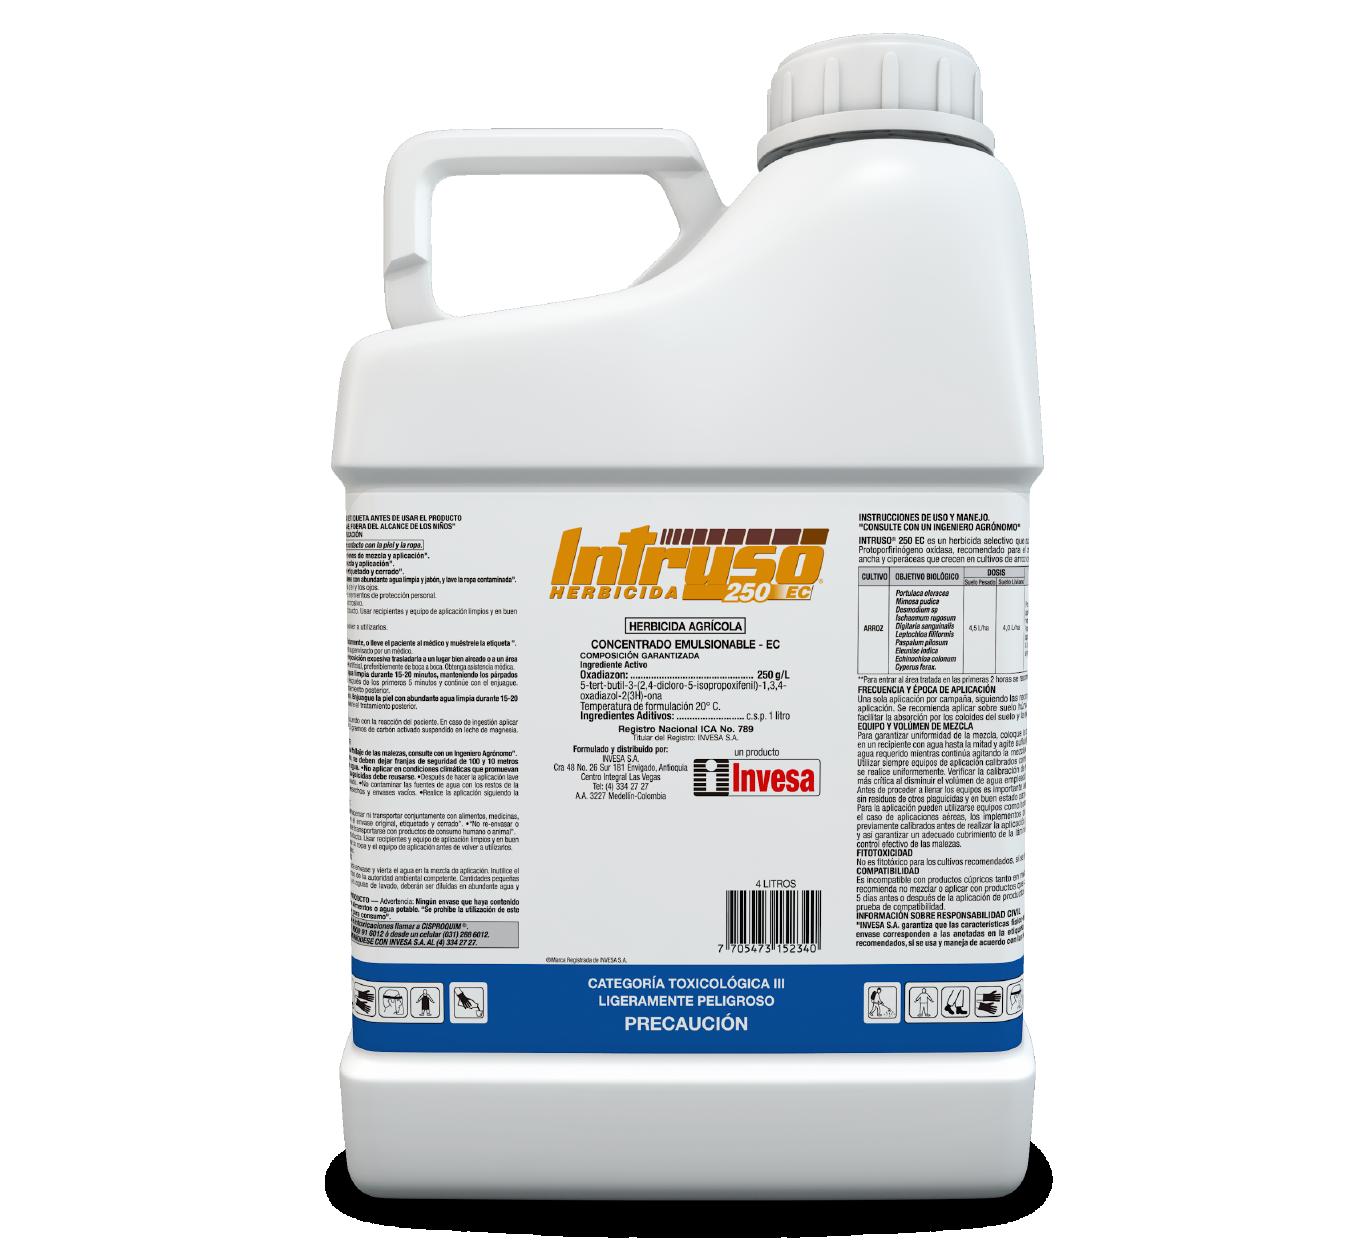 Herbicida intruso 250 ec invesa 4 litros